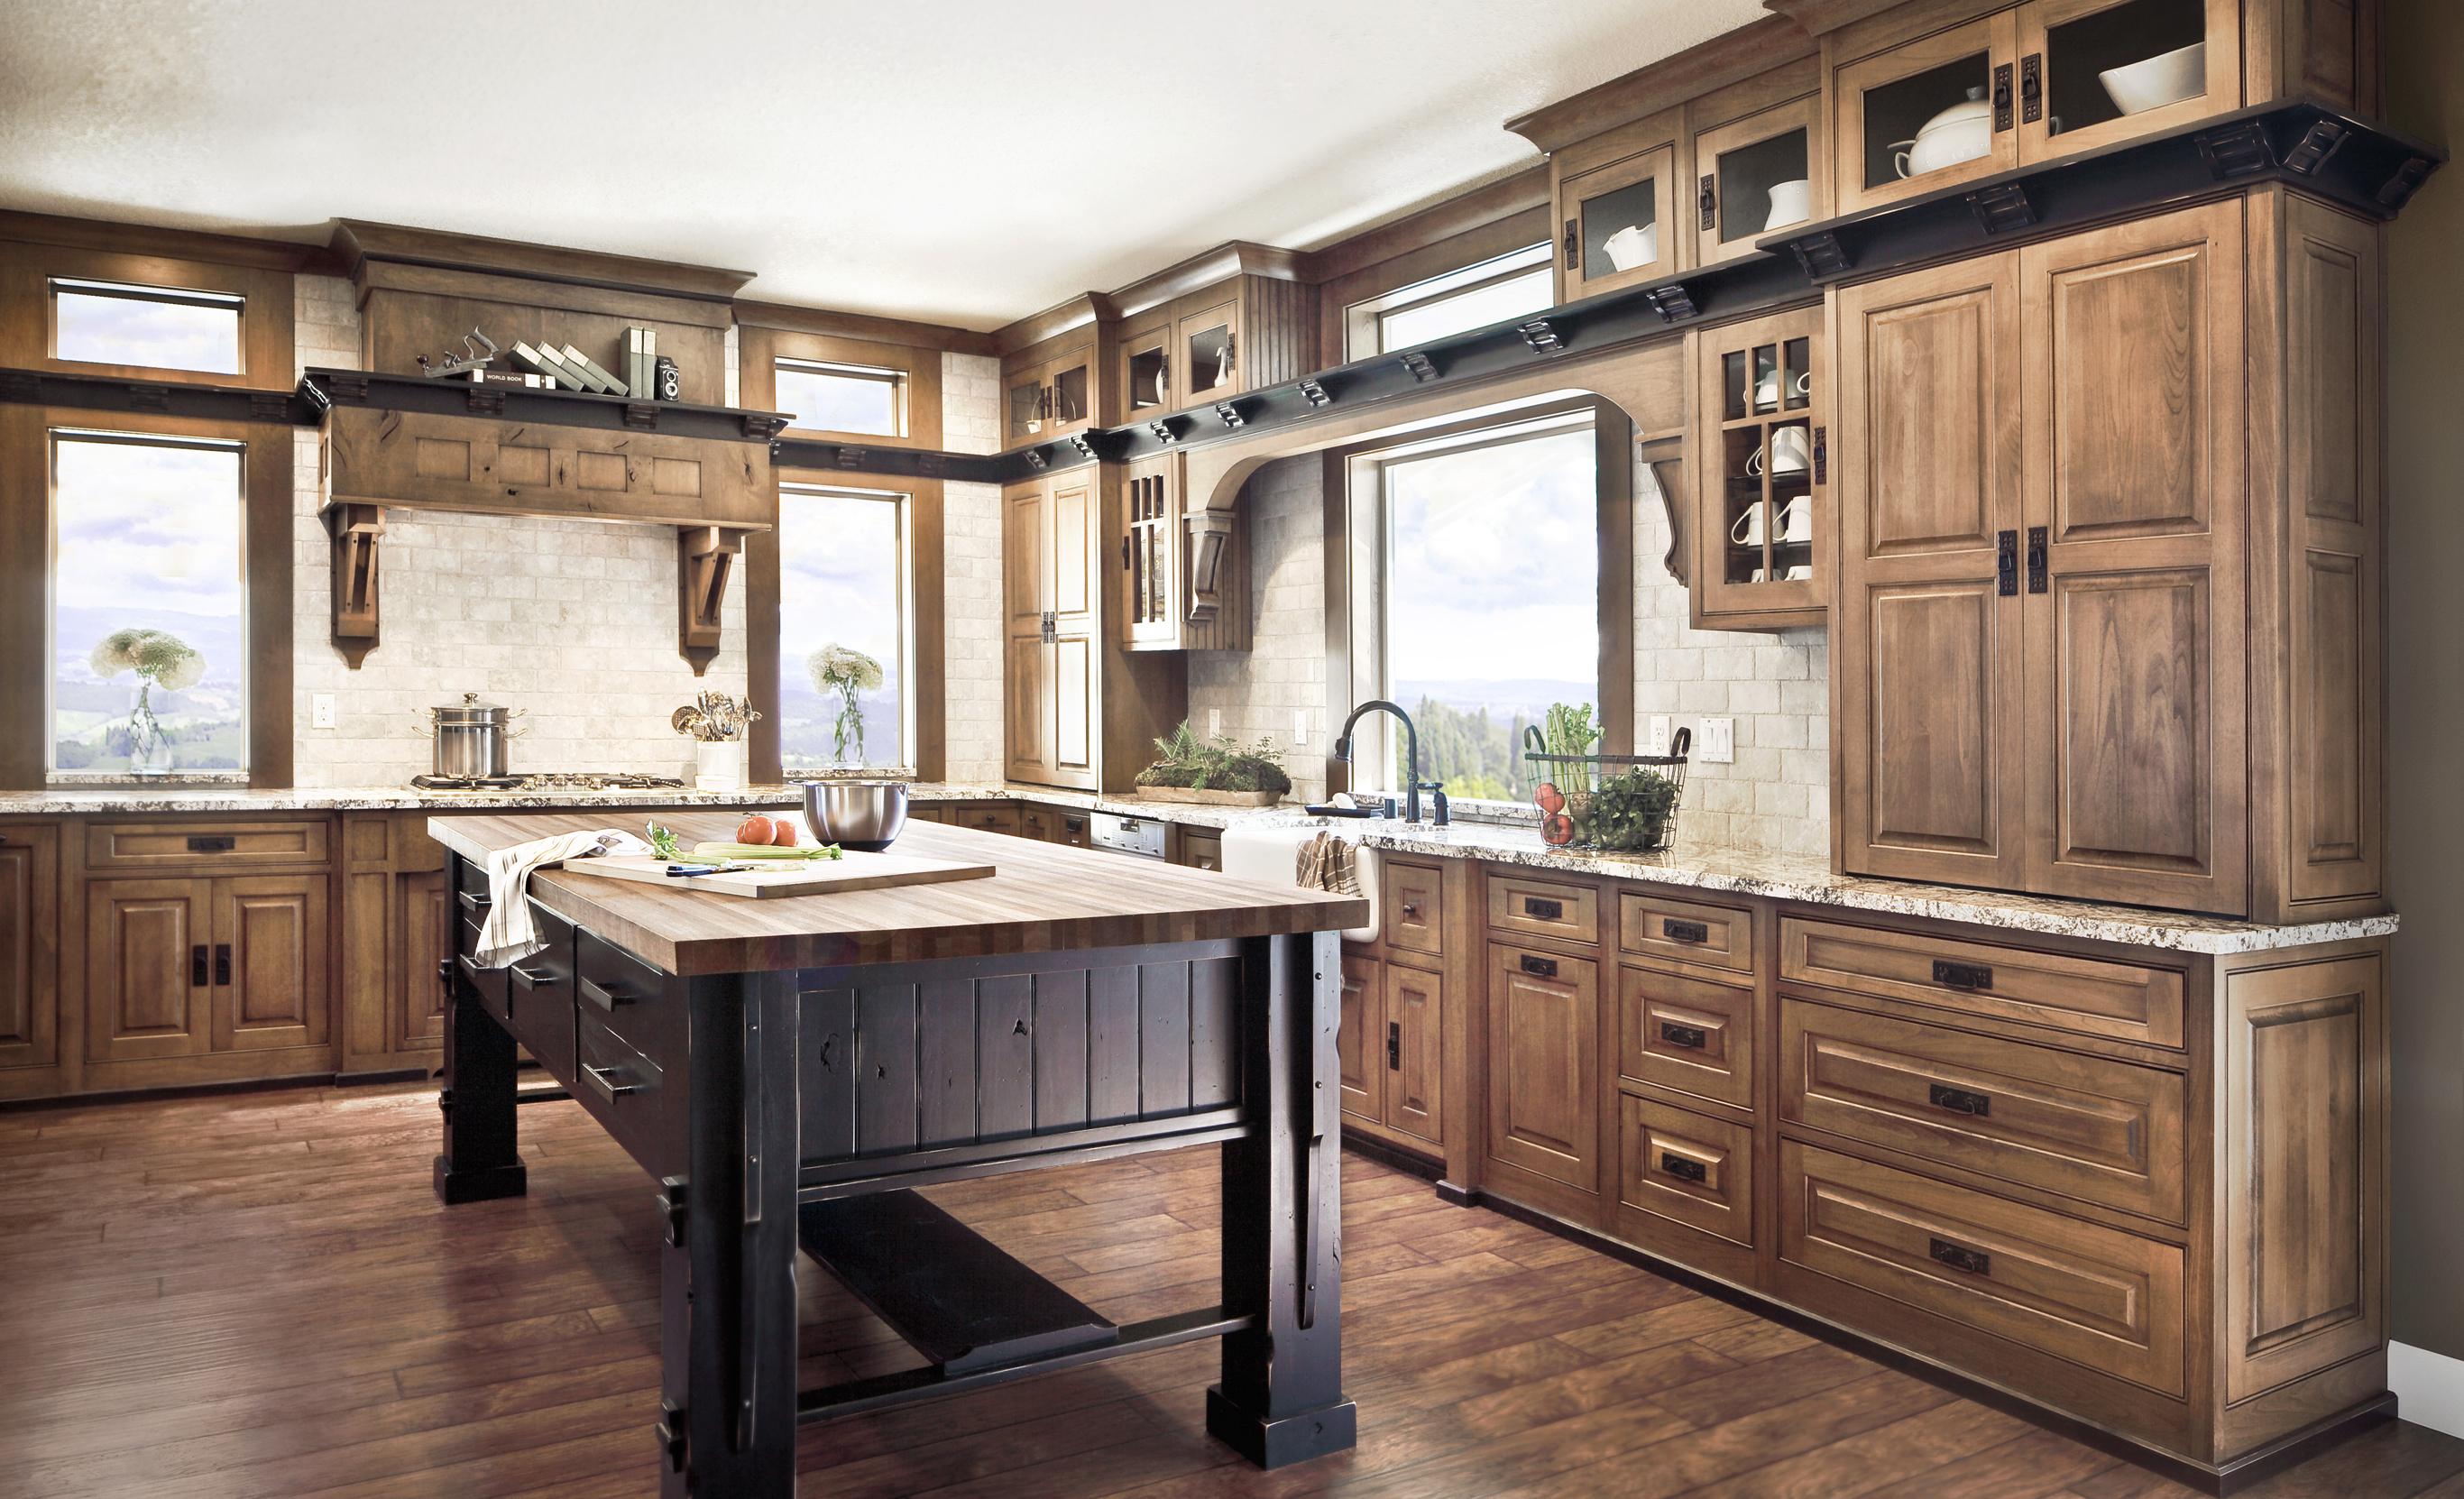 Knotty Alder Kitchen Cabinets Dewils Custom Cabinetry